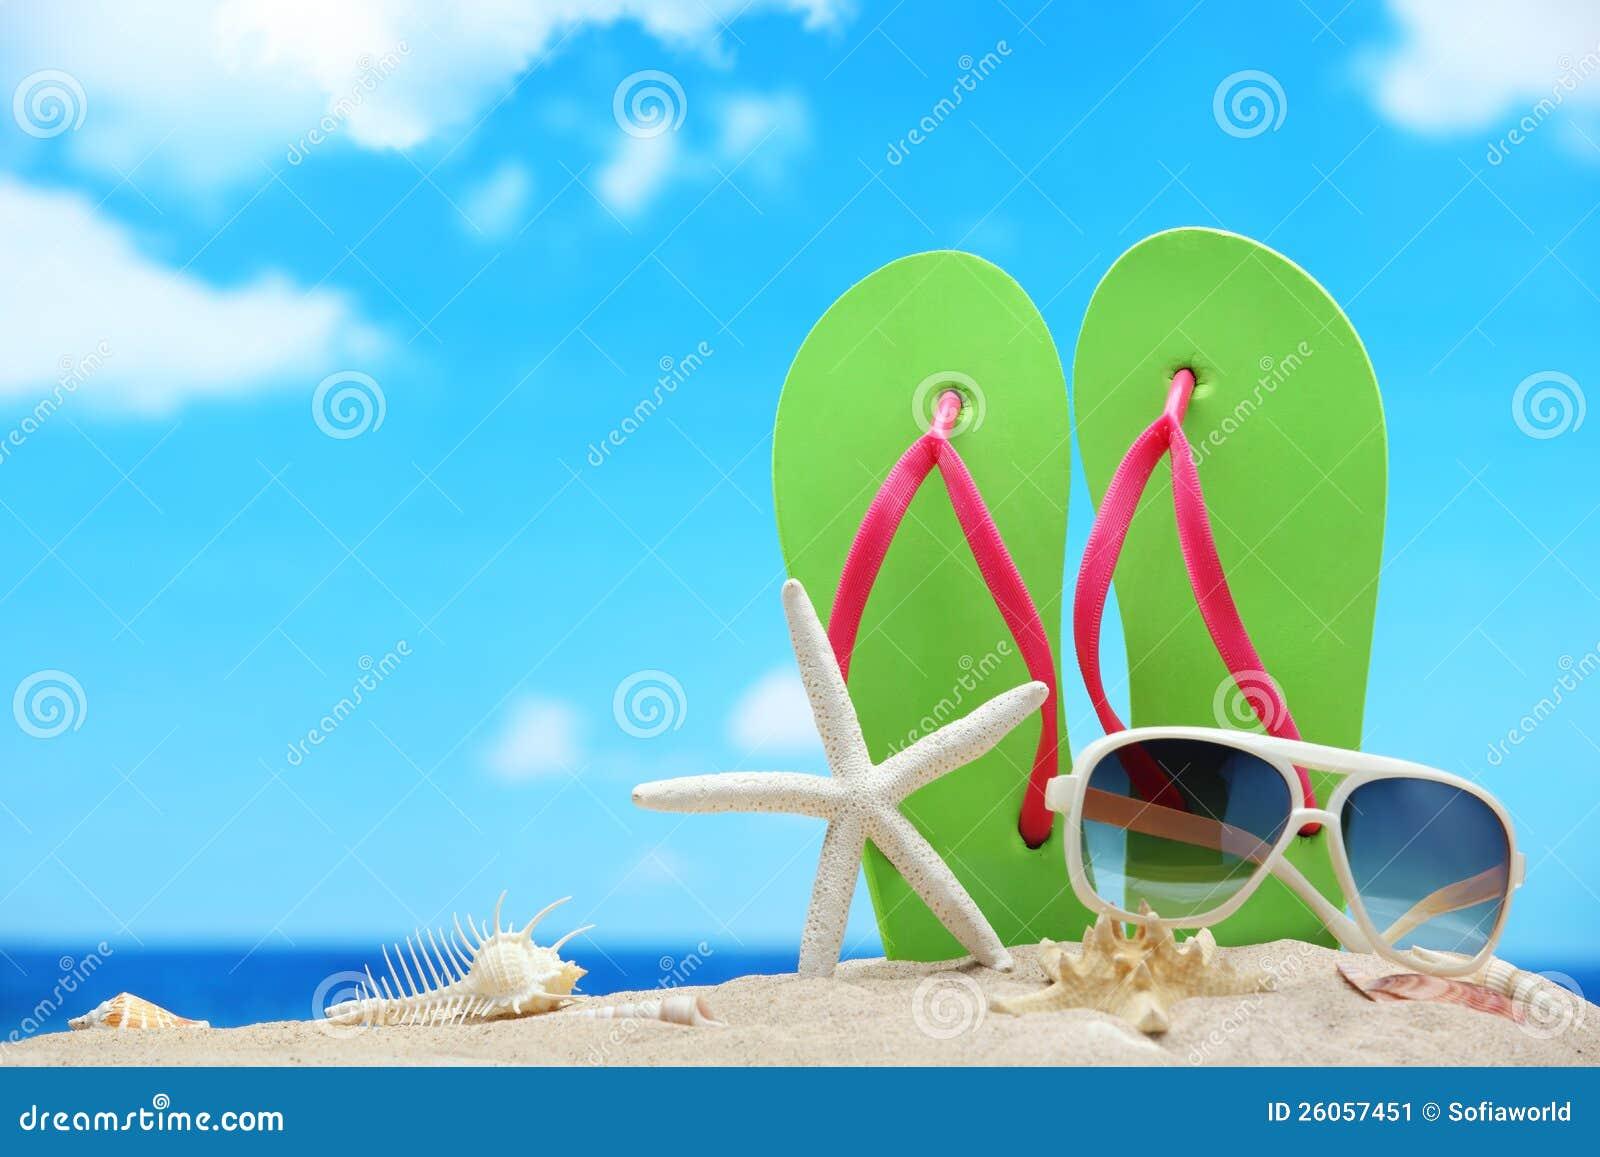 accessoires de plage image stock image du ciel vacances 26057451. Black Bedroom Furniture Sets. Home Design Ideas